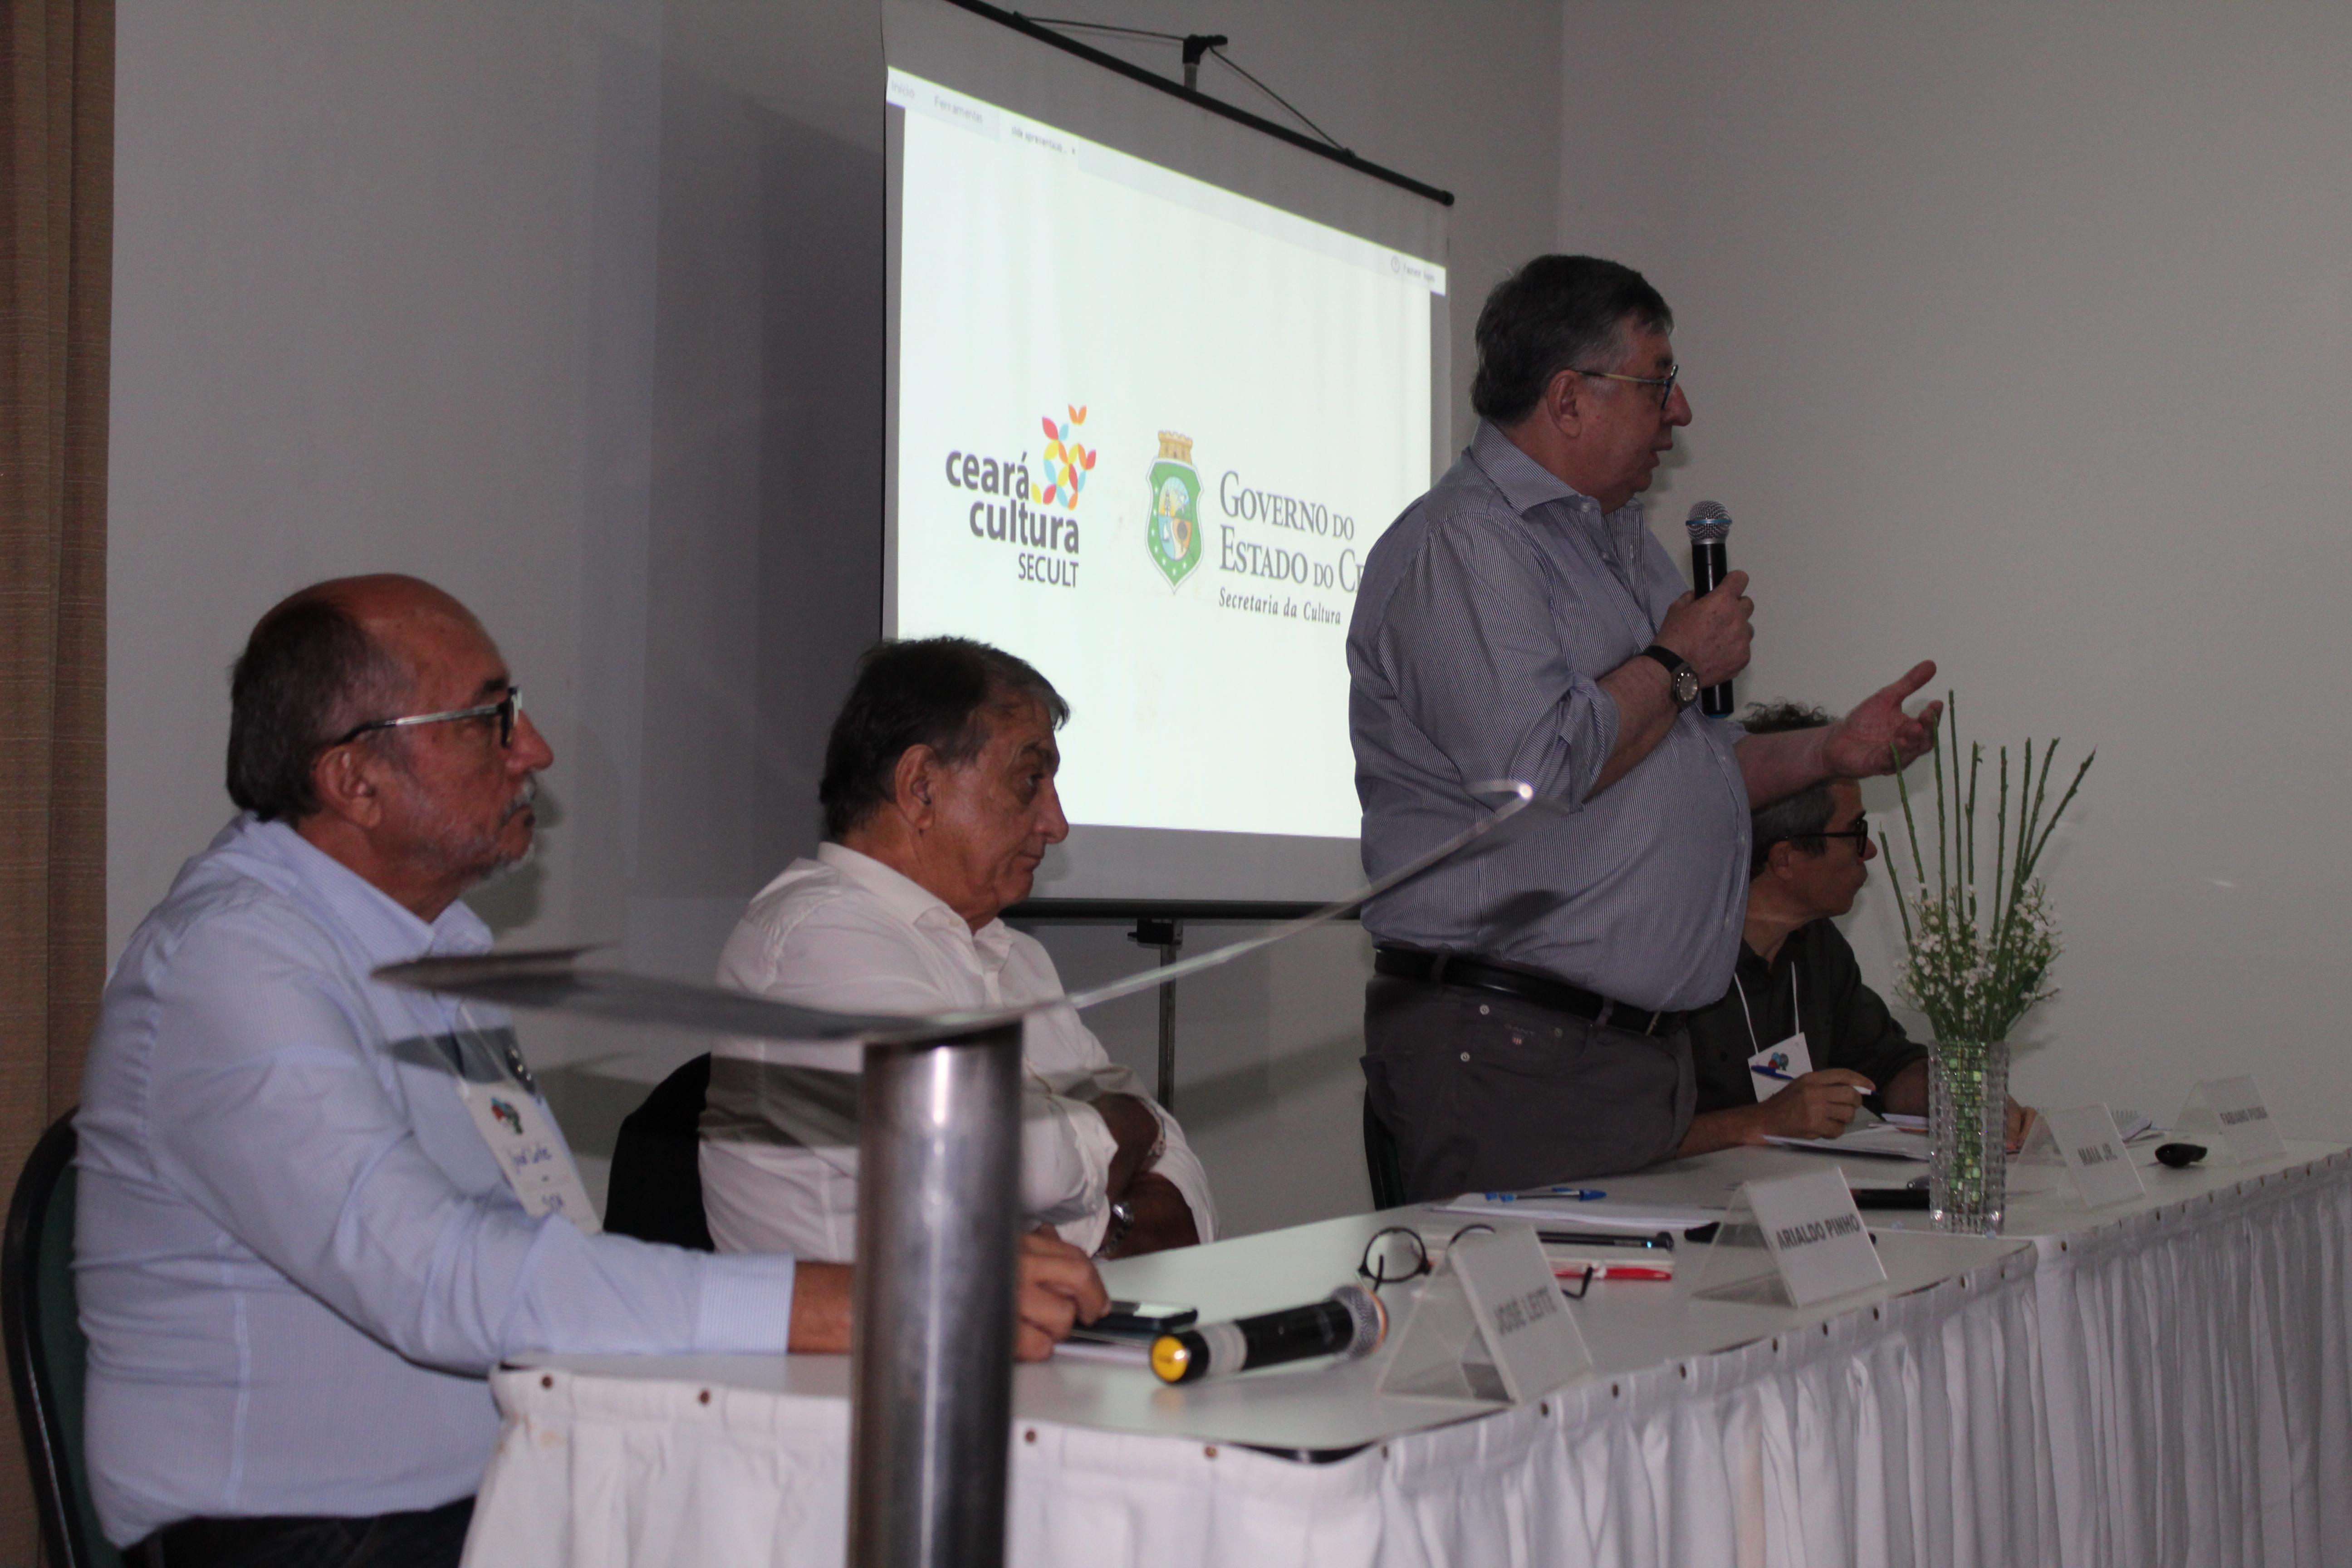 Sedet discute estratégias para crescimento econômico do Ceará com integrantes da Rede de Desenvolvimento